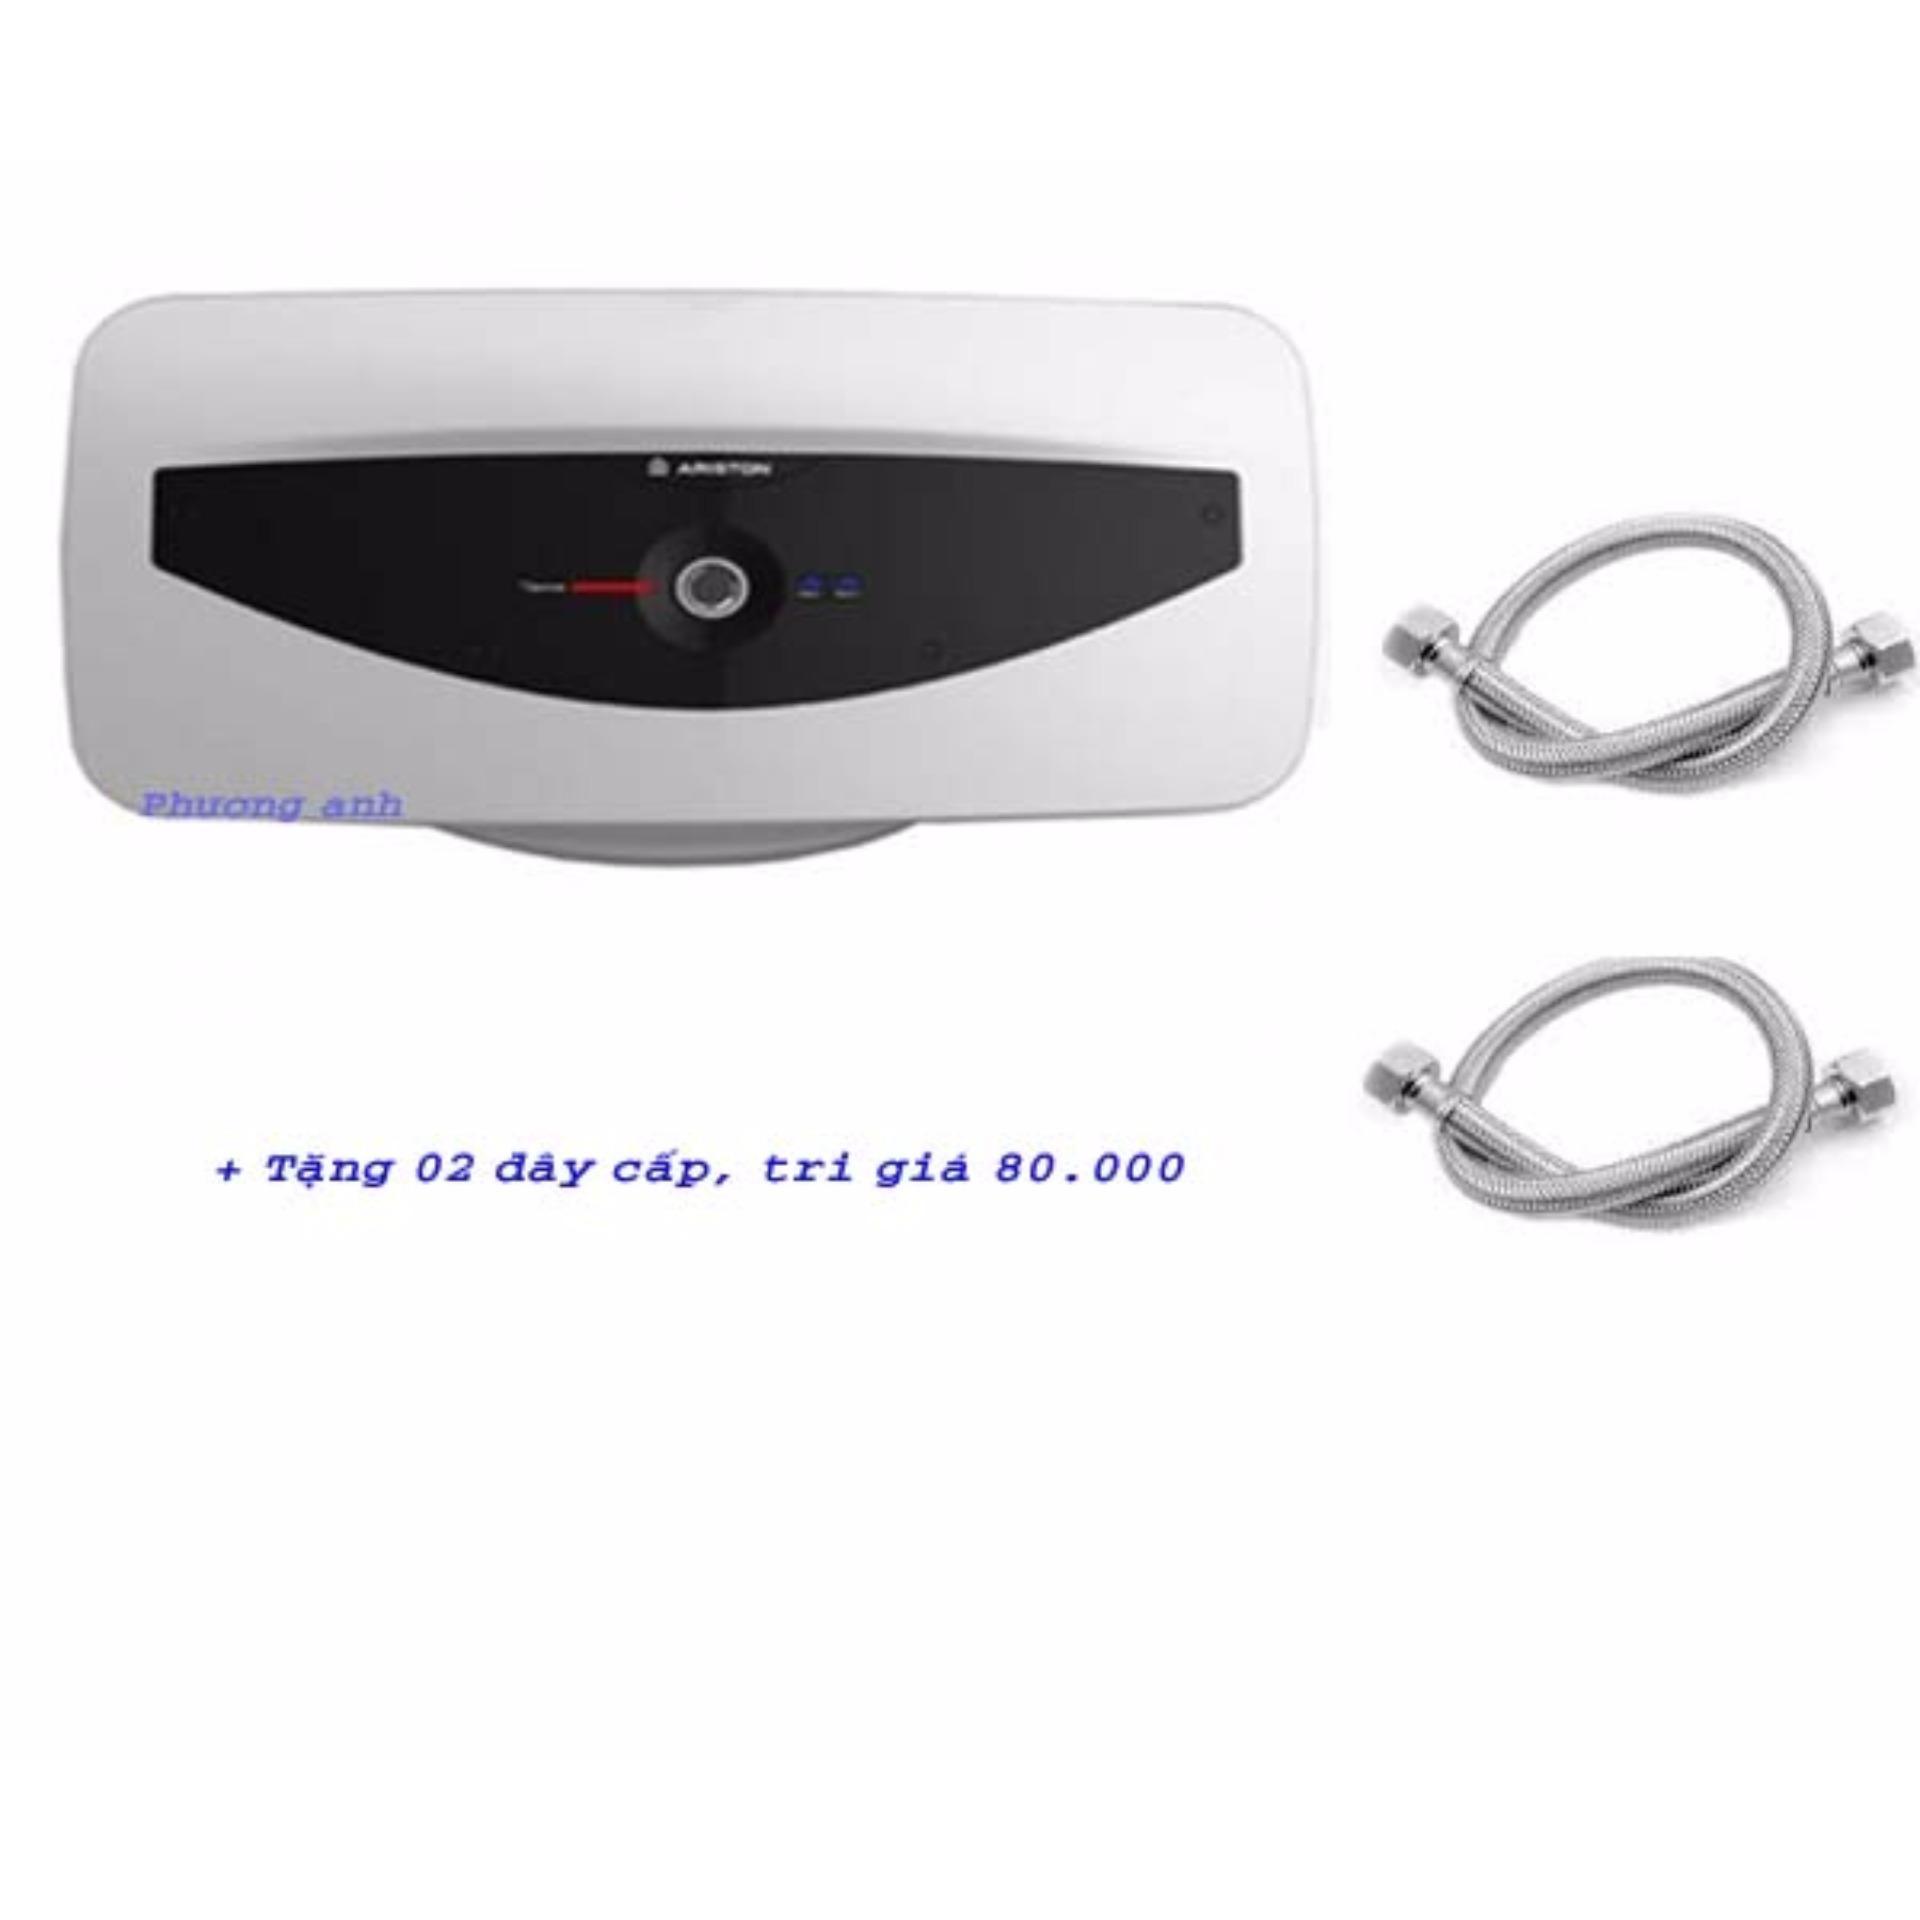 Bình nước nóng gián tiếp Ariston Slim SL30QH + Tặng 02 dây lắp bình